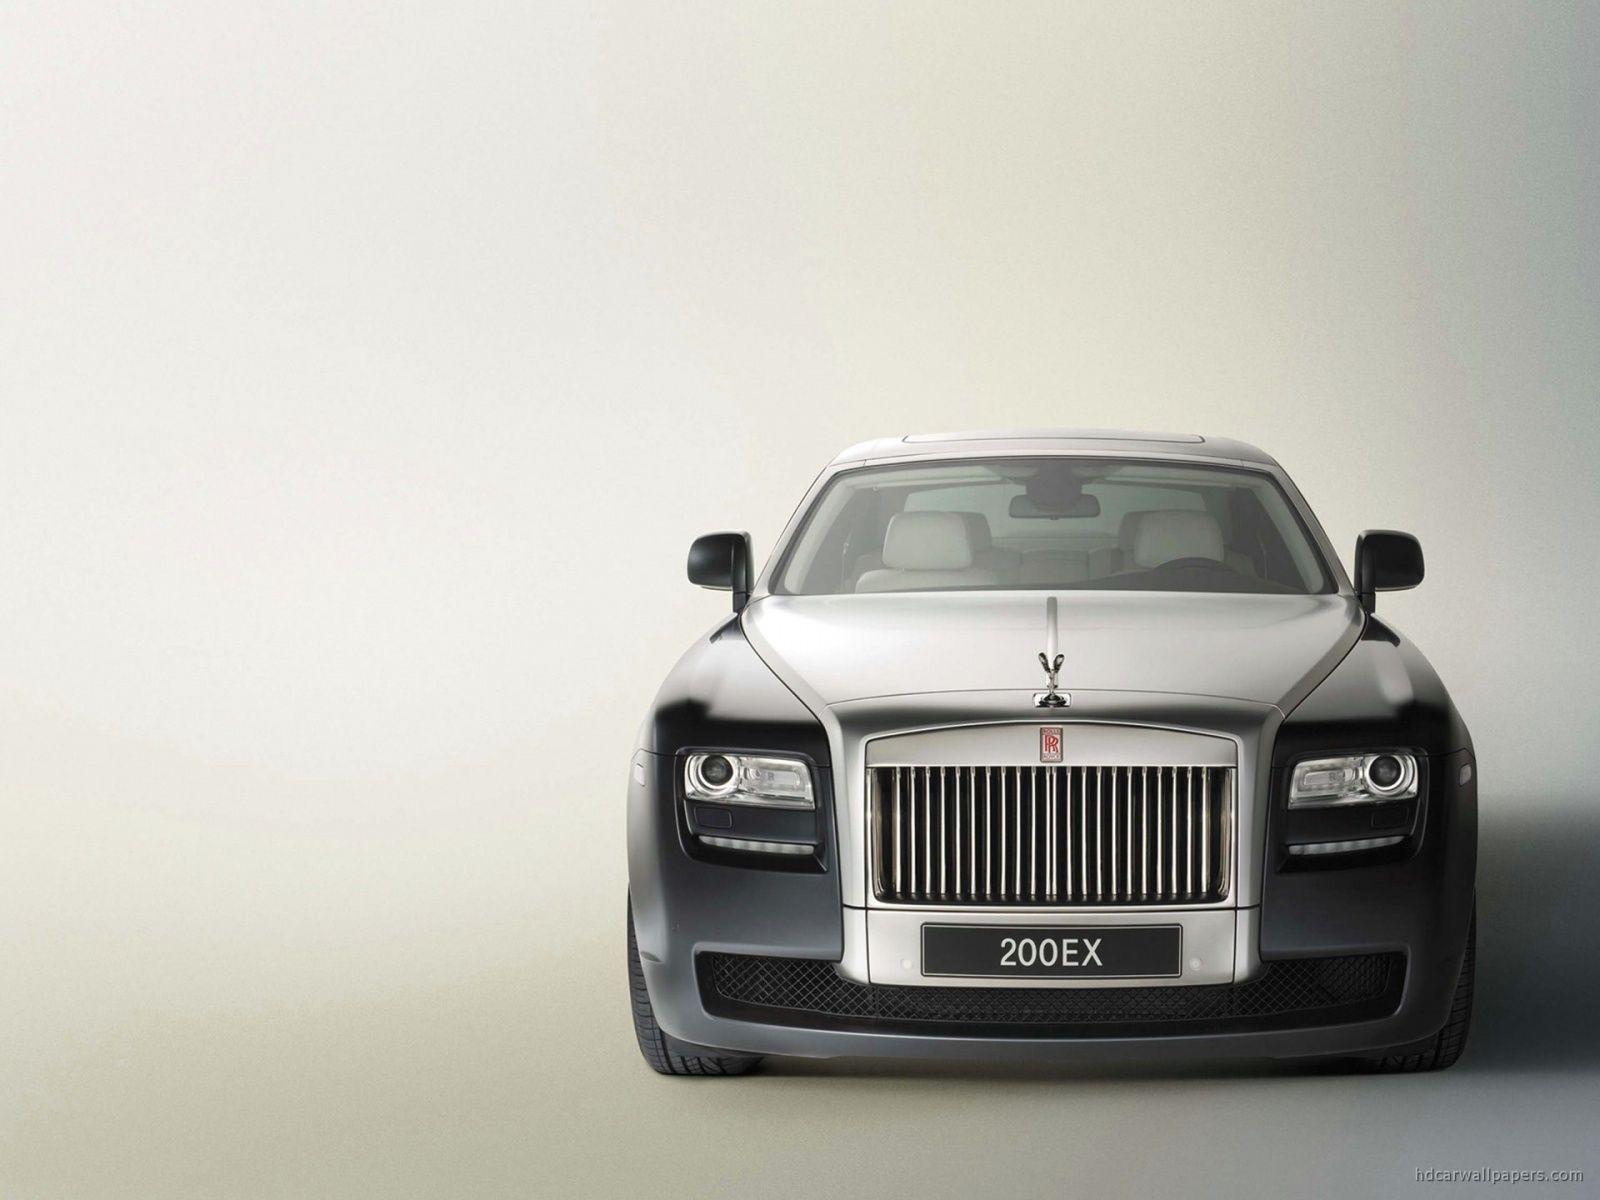 Silver Rolls Royce 200ex Front Rolls Royce Rolls Royce